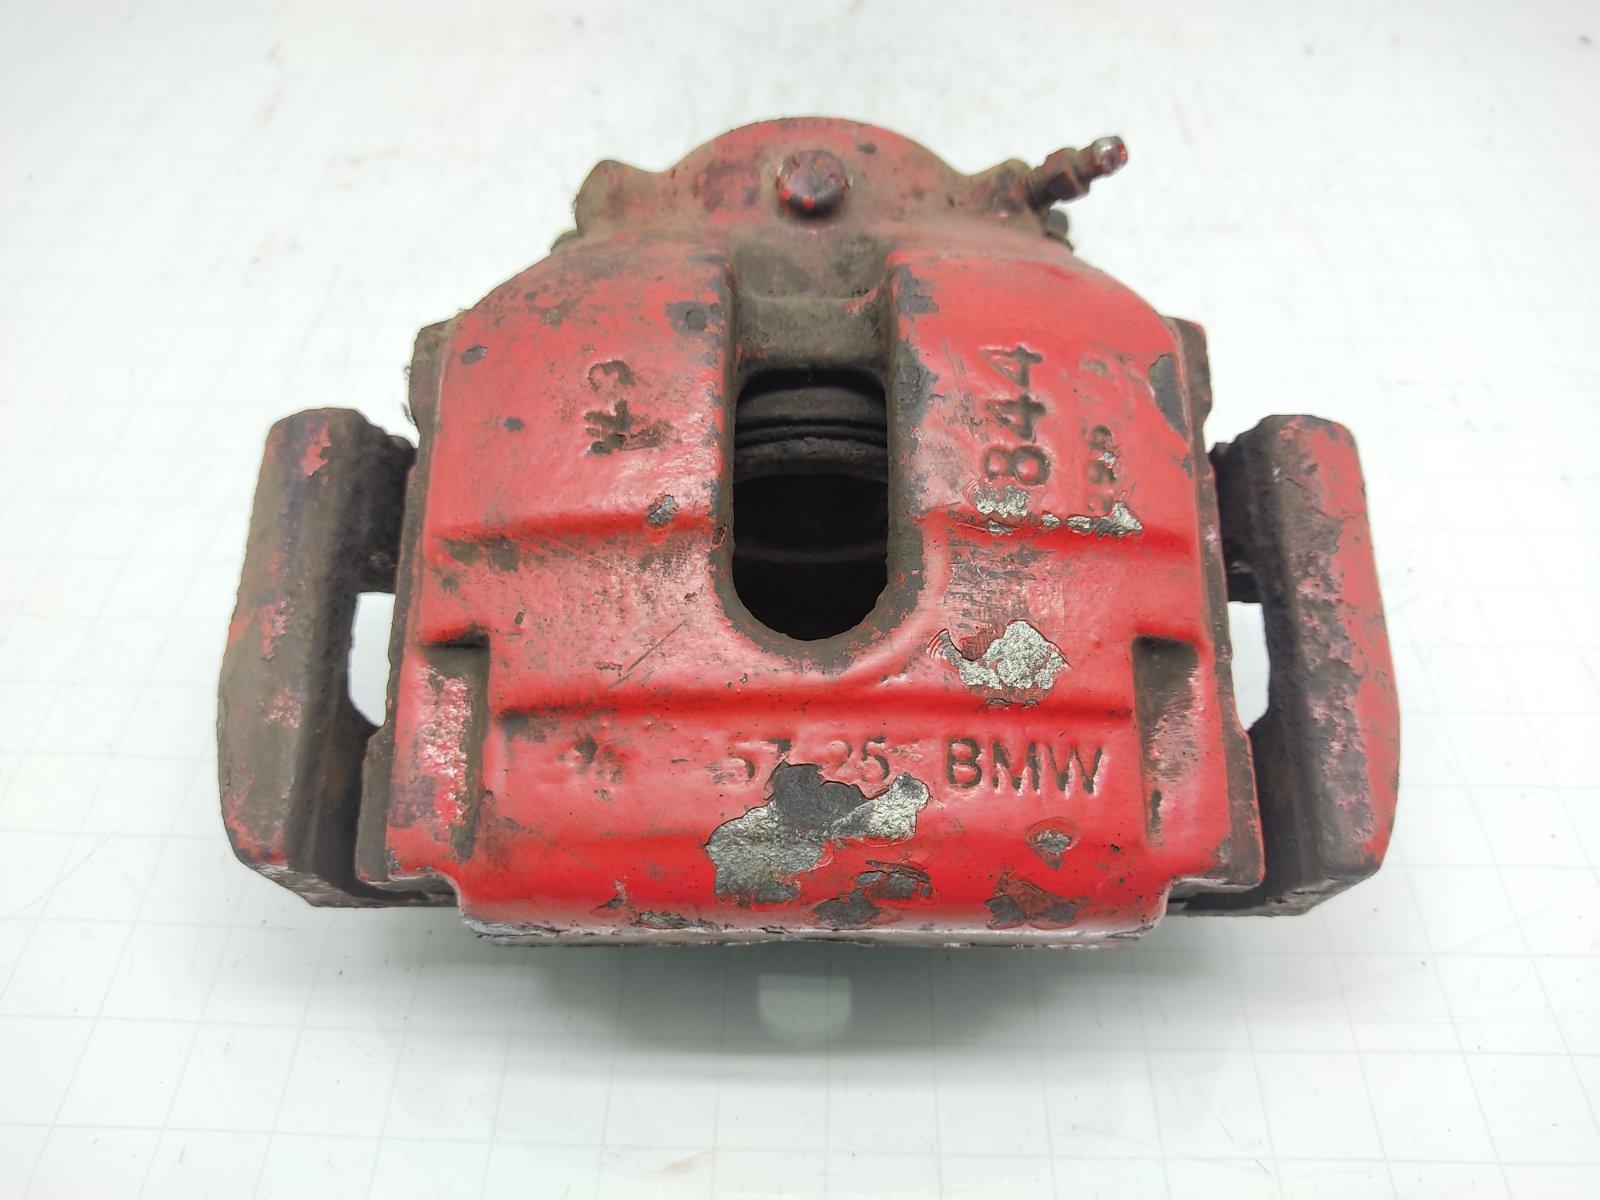 Суппорт передний правый Bmw X3 E83 2.0 TD 2005 (б/у)